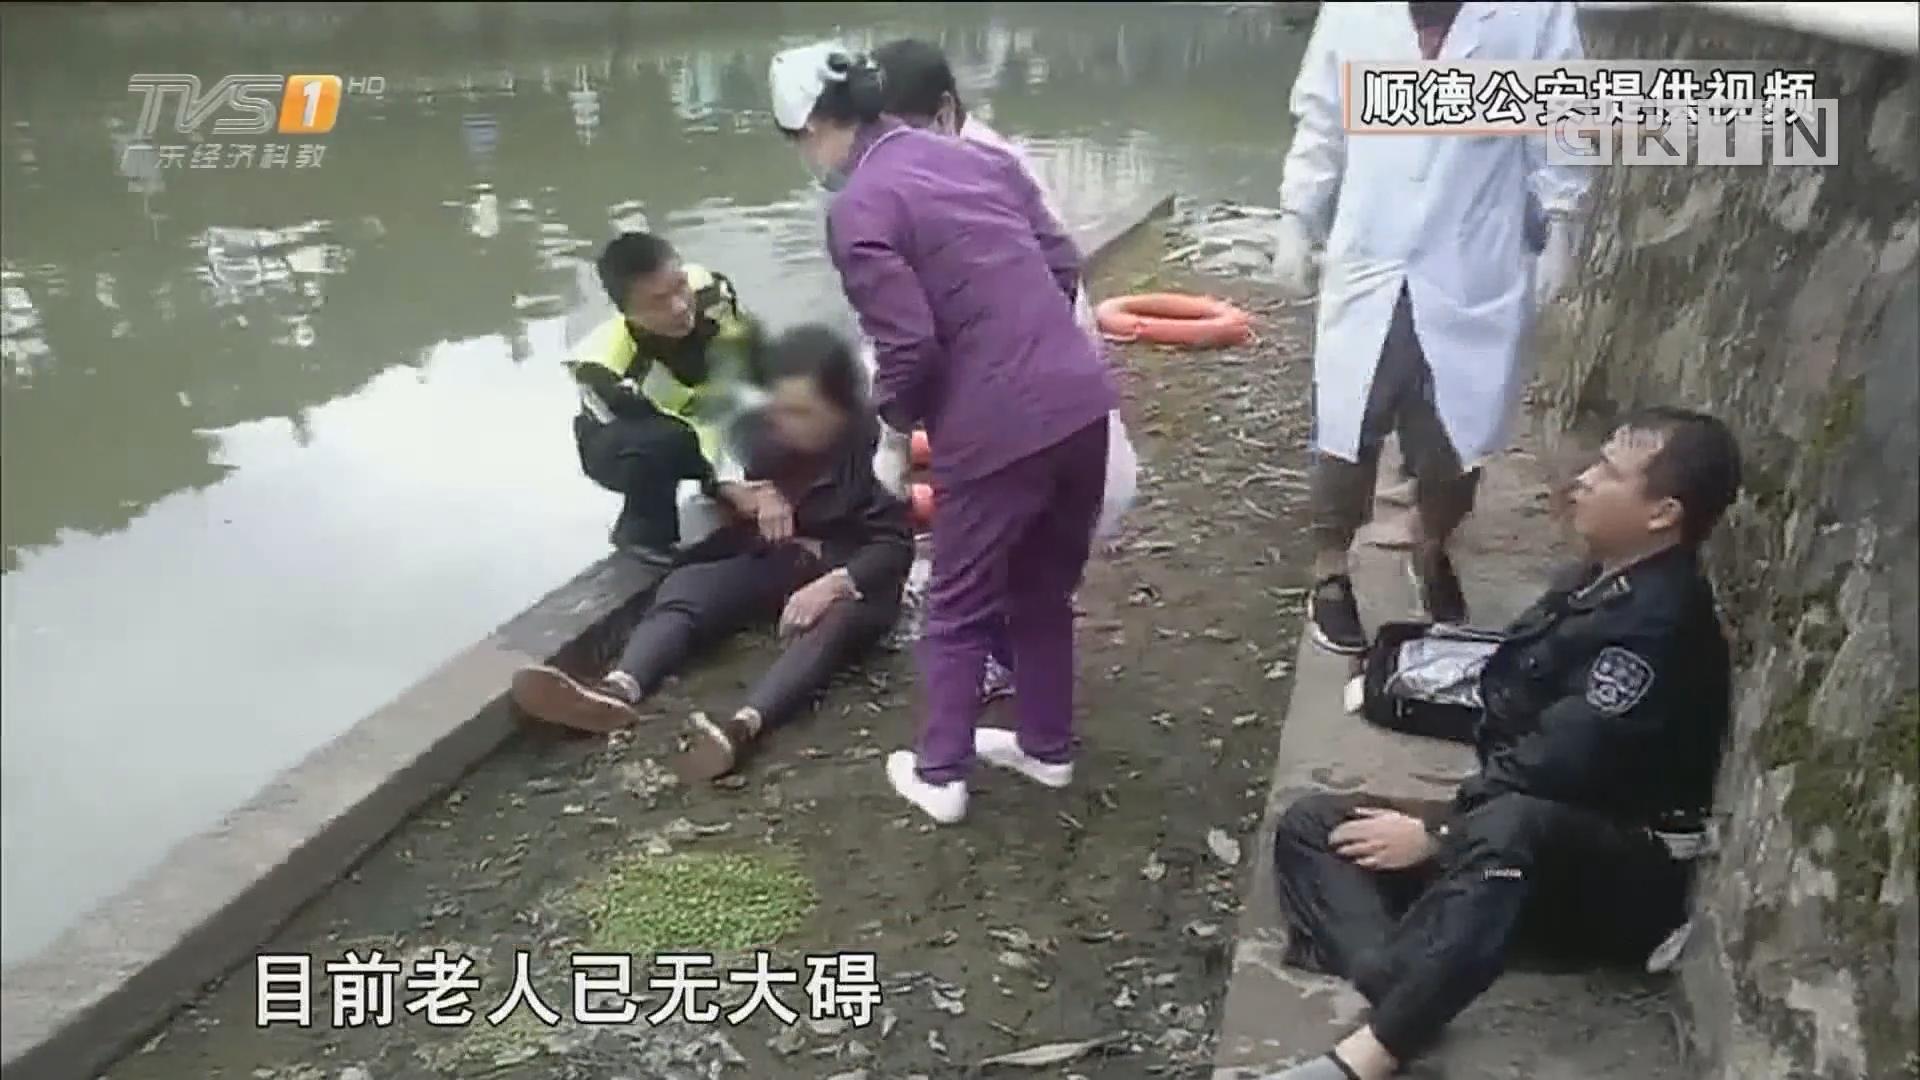 佛山:八旬老人不慎落水 警民联手助其脱险